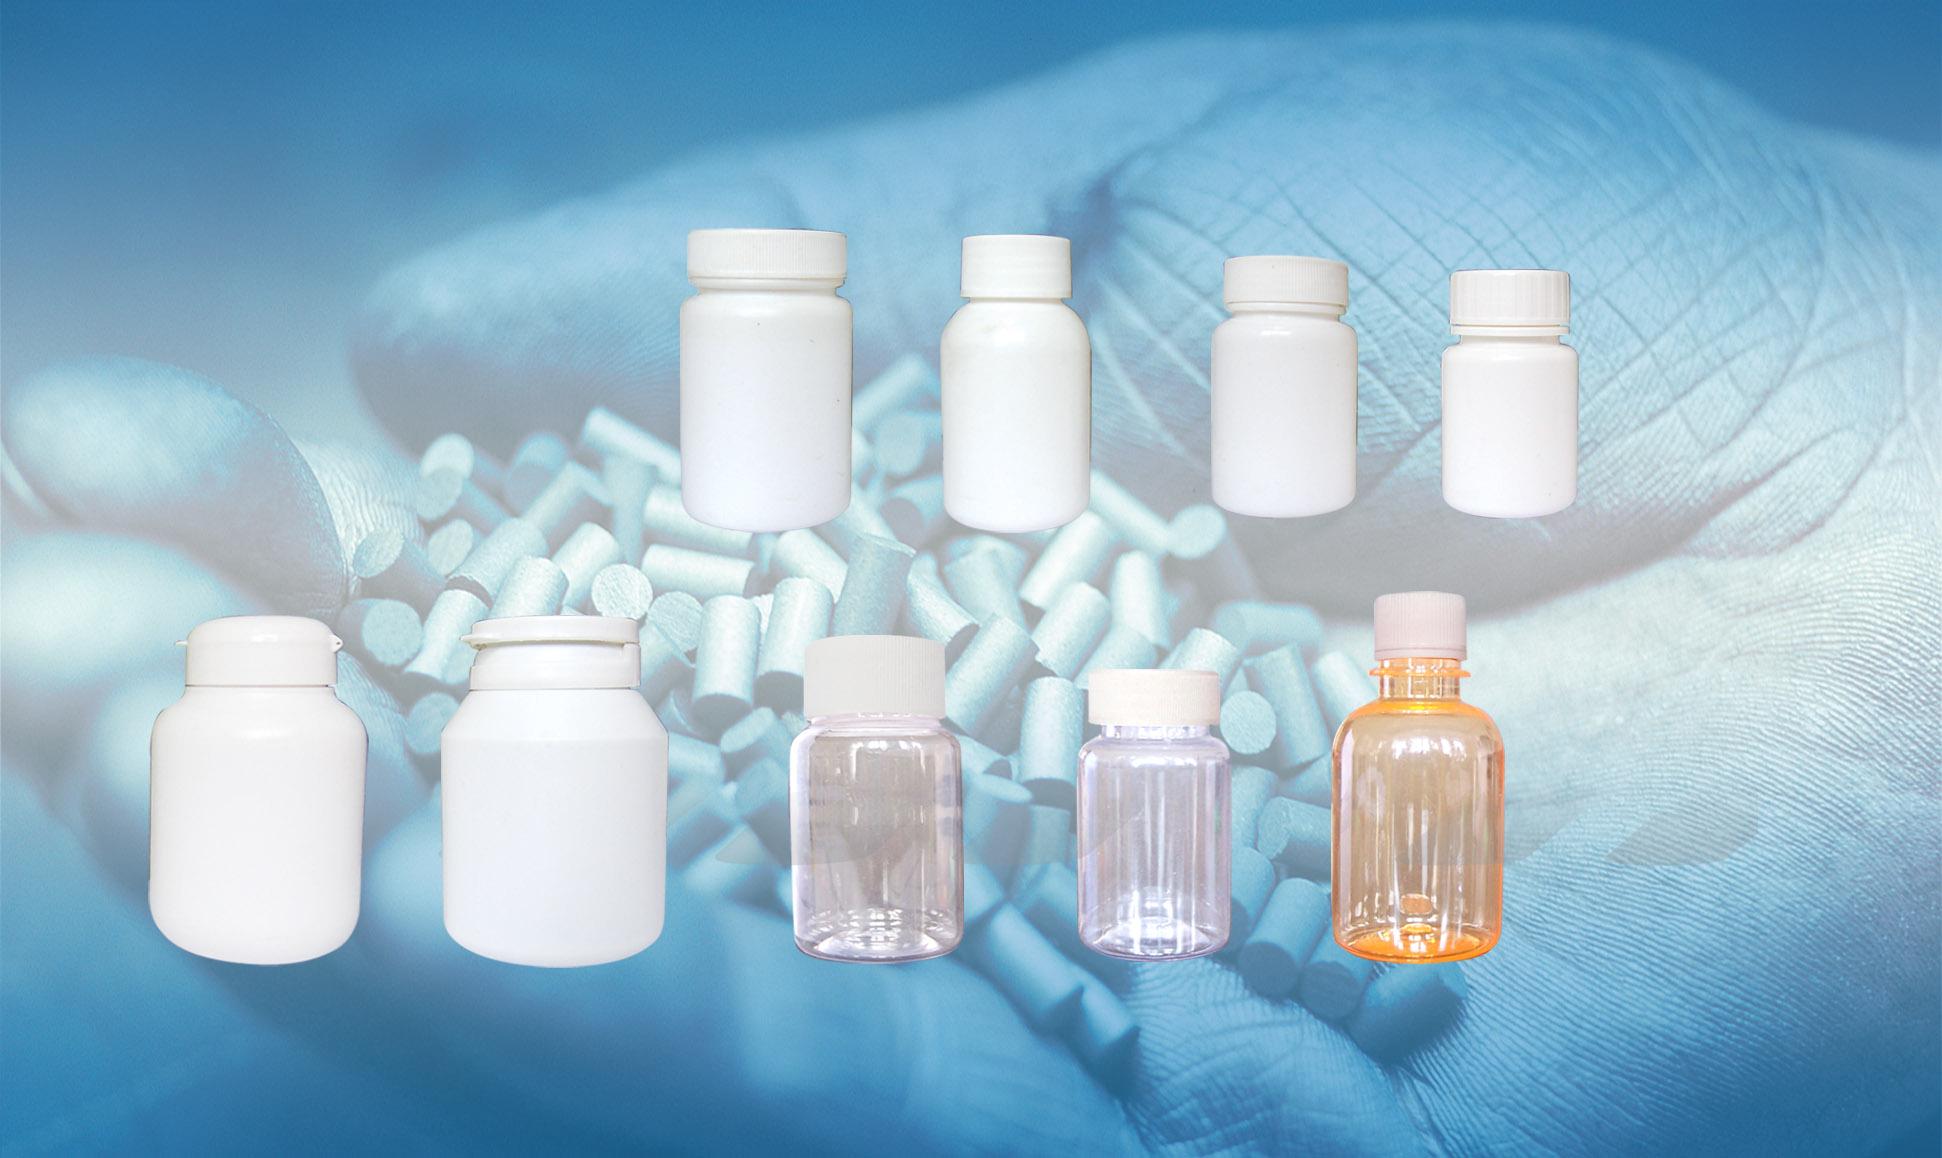 【中国塑料机械网 本站原创】塑料包装在医药行业的应用已经几乎占领了大部分市场。药用塑料瓶一般采用pet材质,具有质轻、强度高、不易破损、密封性能好、防潮、卫生,符合药品包装的特殊要求等优点,可不经清洗、烘干既可直接用于药品包装,是一种优良的药用包装容器,广泛用于口服固体药品(如片剂、胶囊剂、颗粒剂等)和口服液体药品(如糖浆剂、酊水剂等)的包装,与其他塑料中空包装容器相比药用塑料瓶有许多特殊的地方。